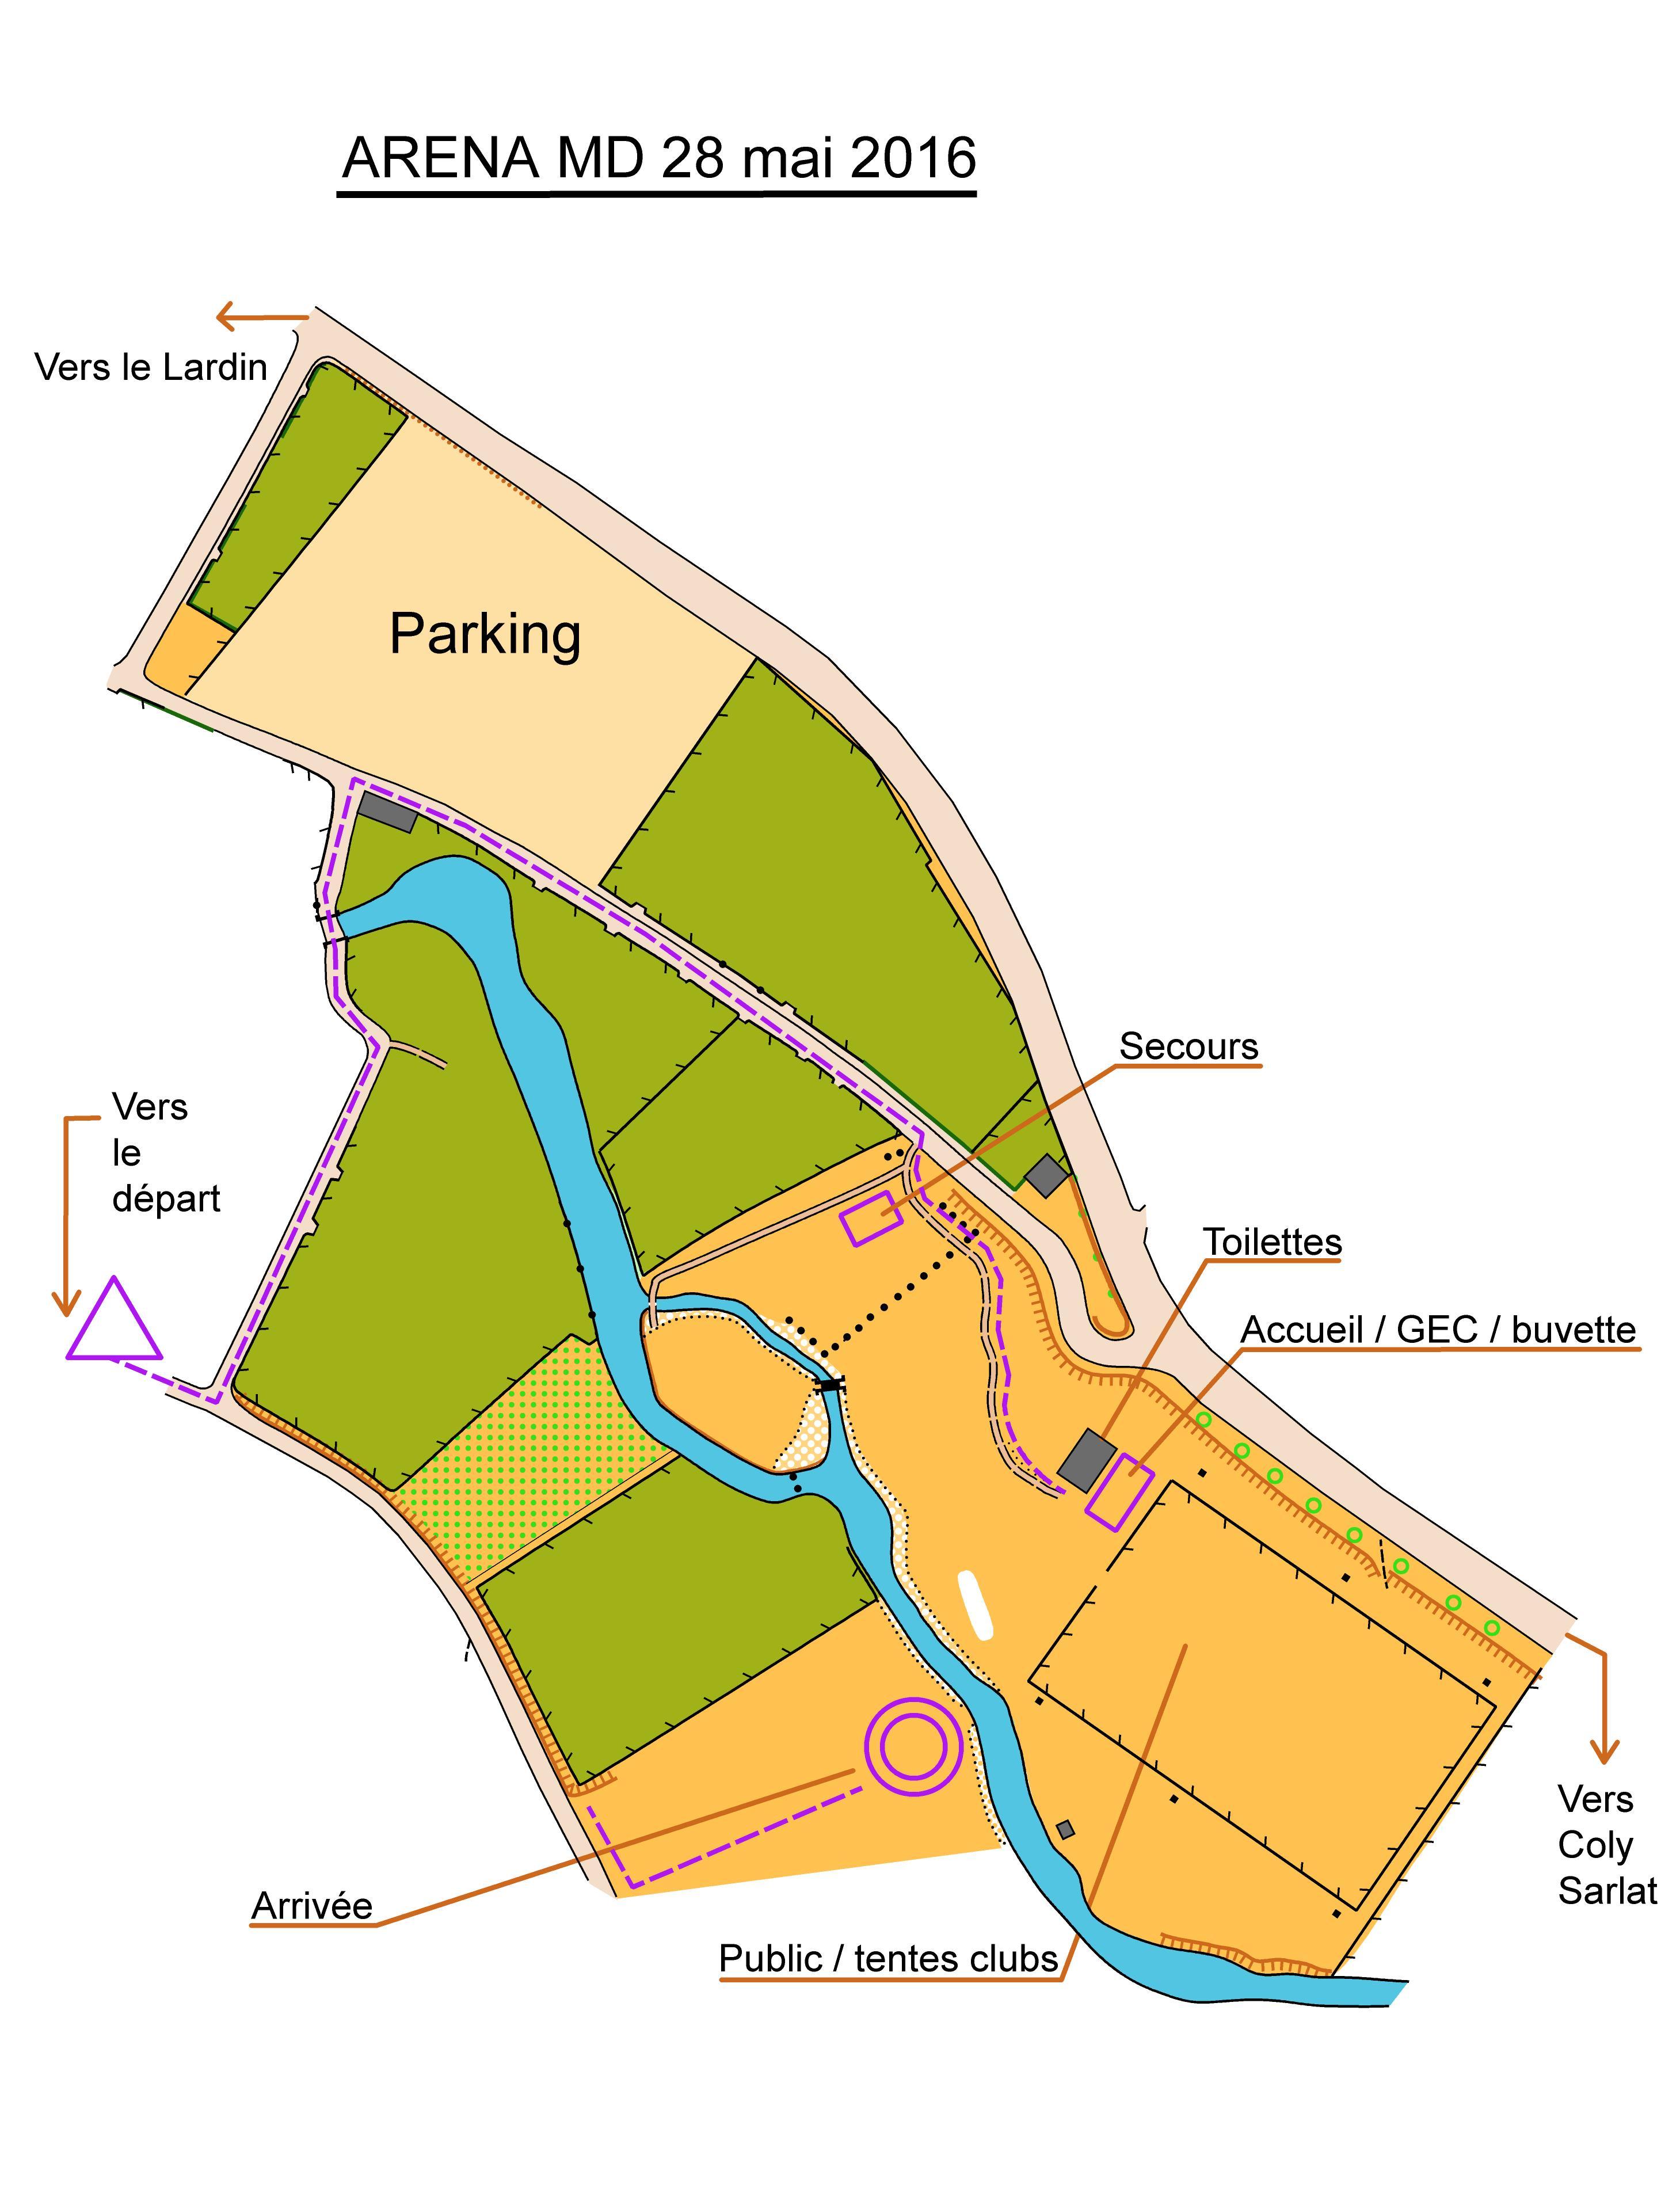 Plan aréna MD